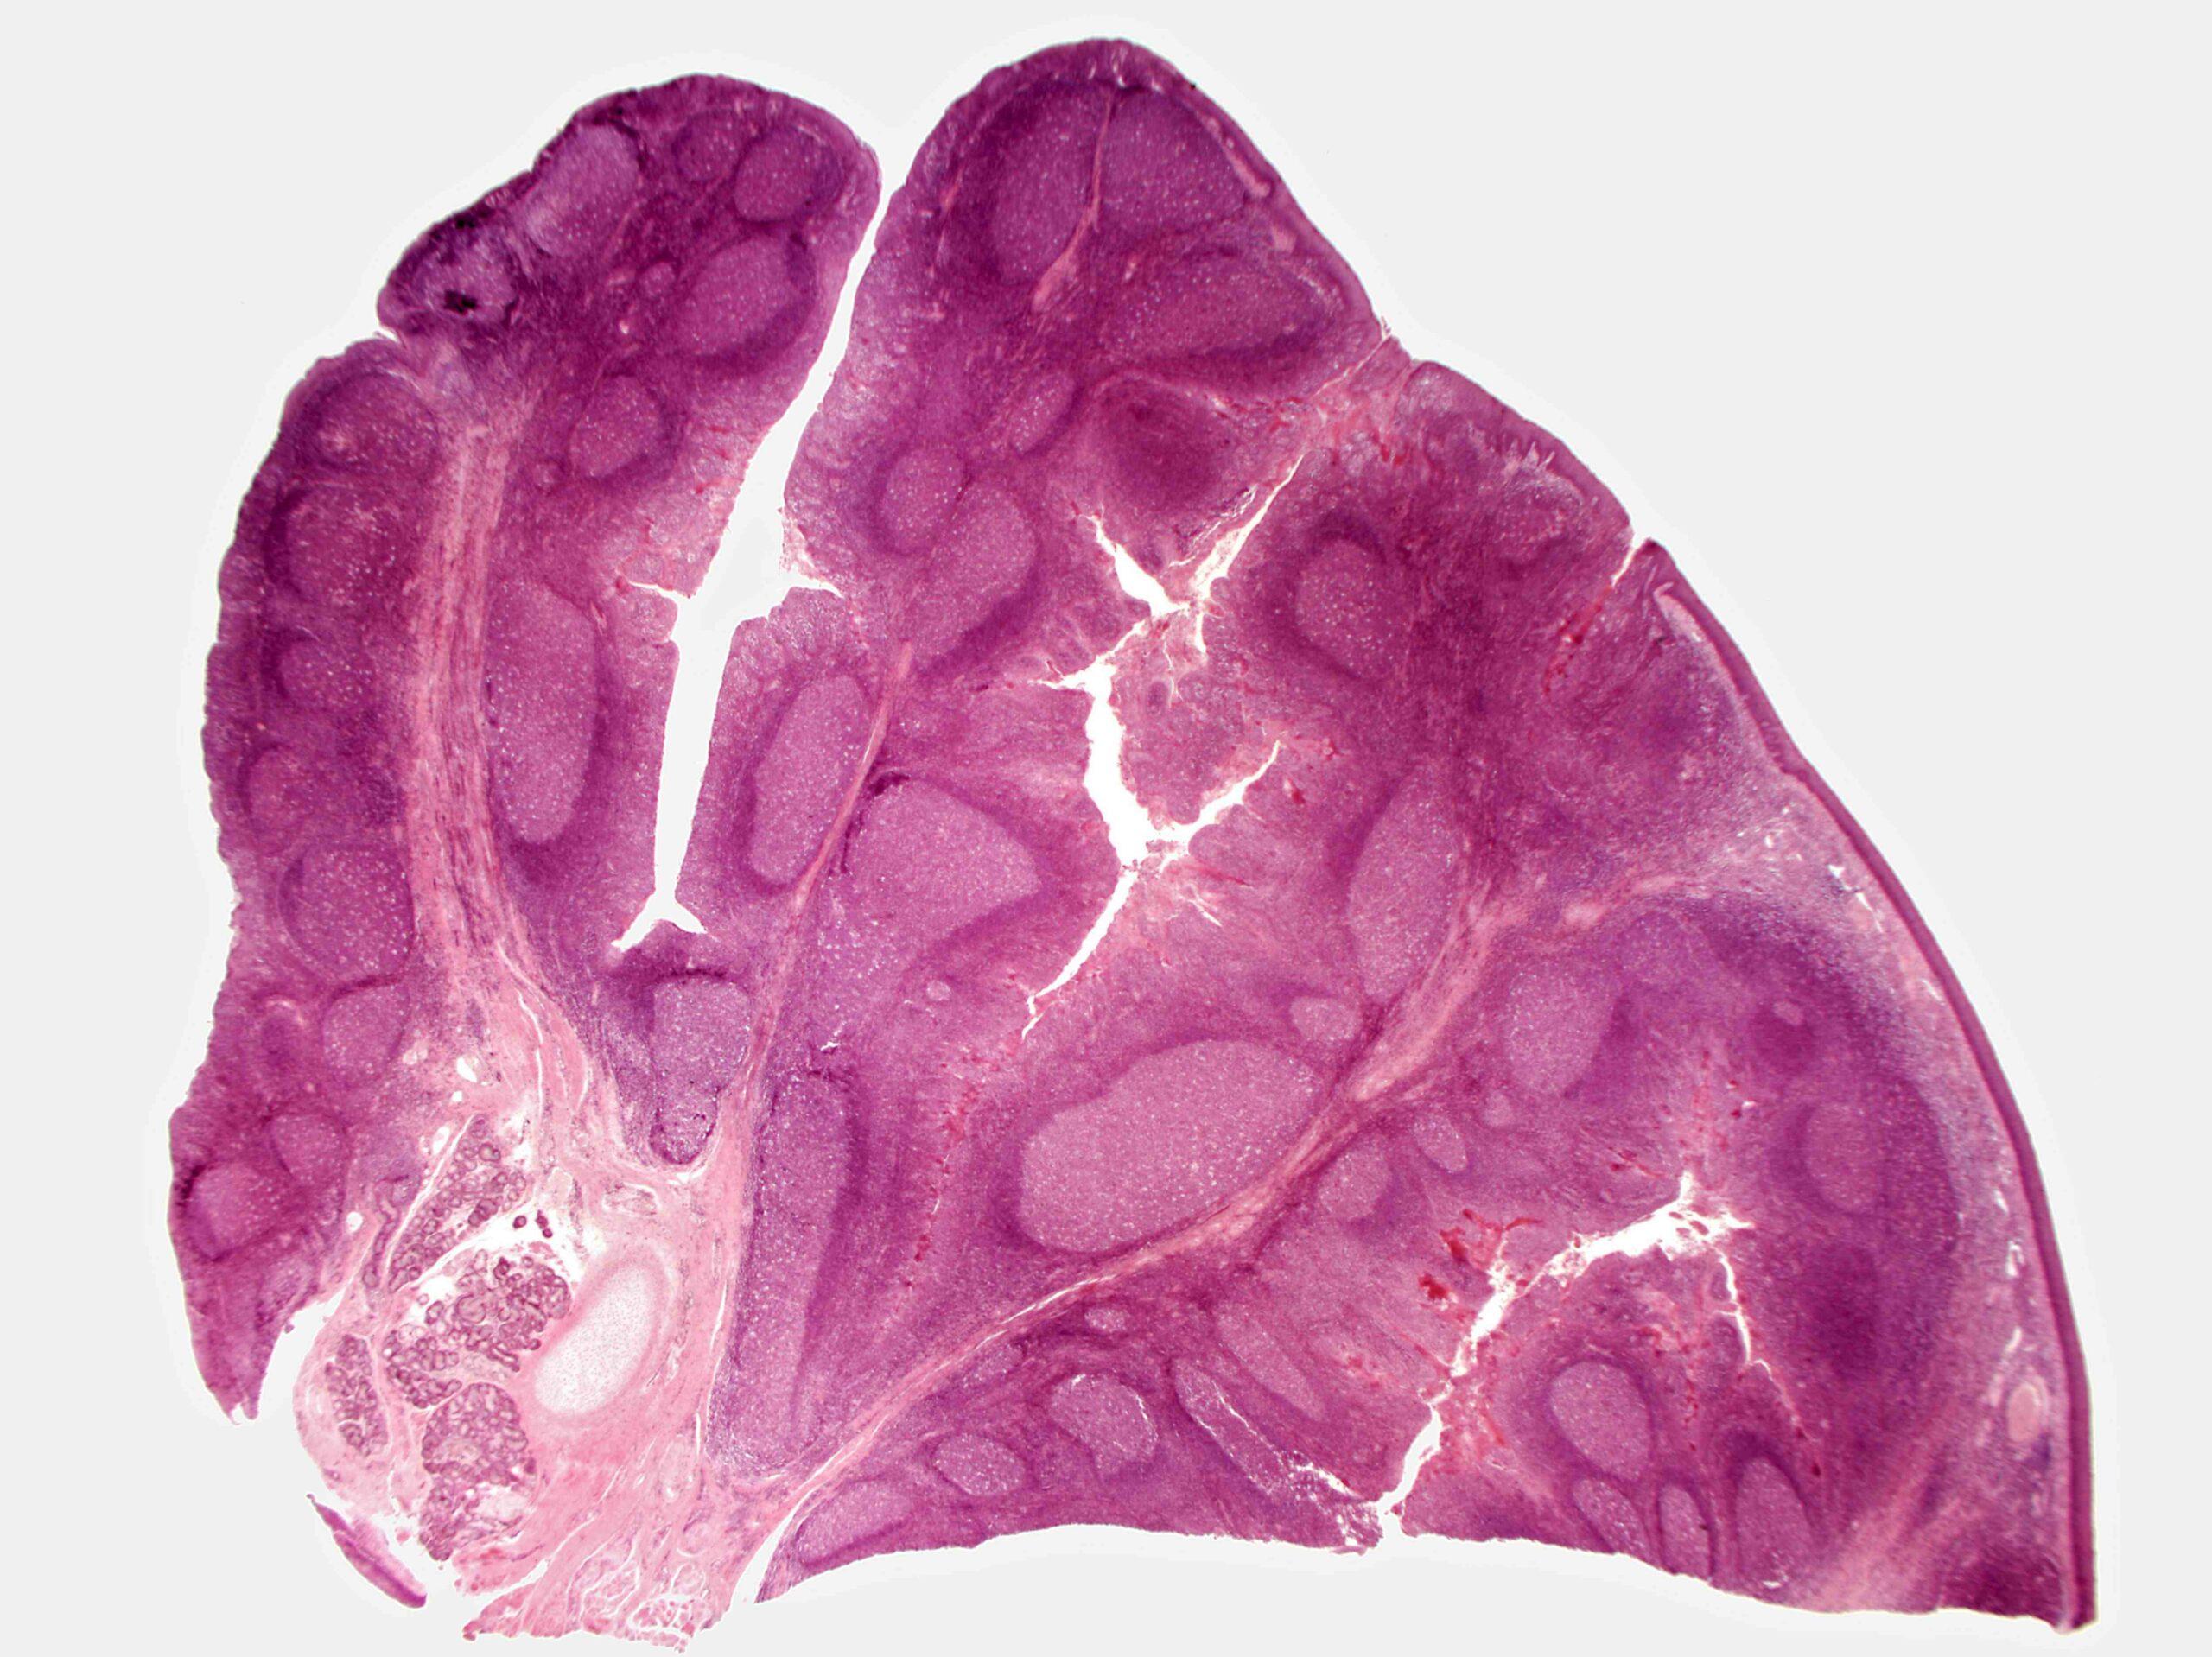 Comment savoir si on a une infection dans la gorge ?